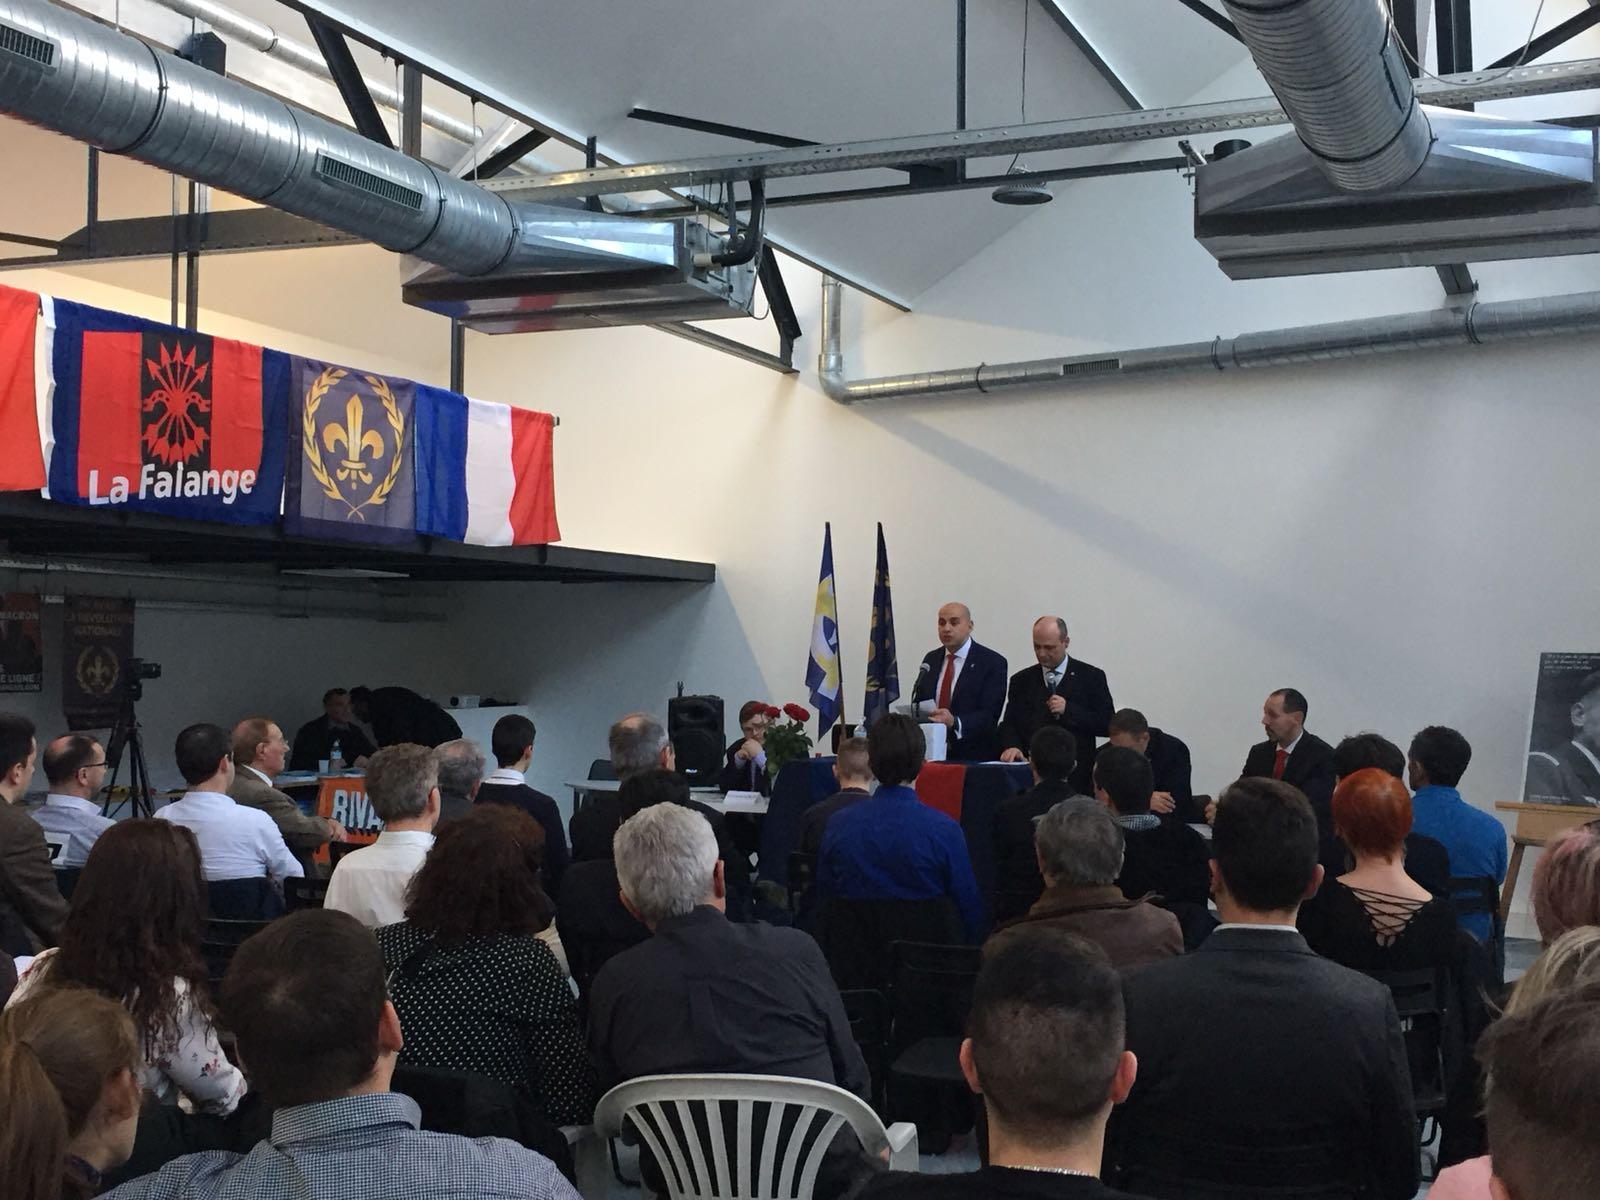 """La Falange en el """"Forum de la Nation"""" organizado por el Partido Nacionalista Francés"""